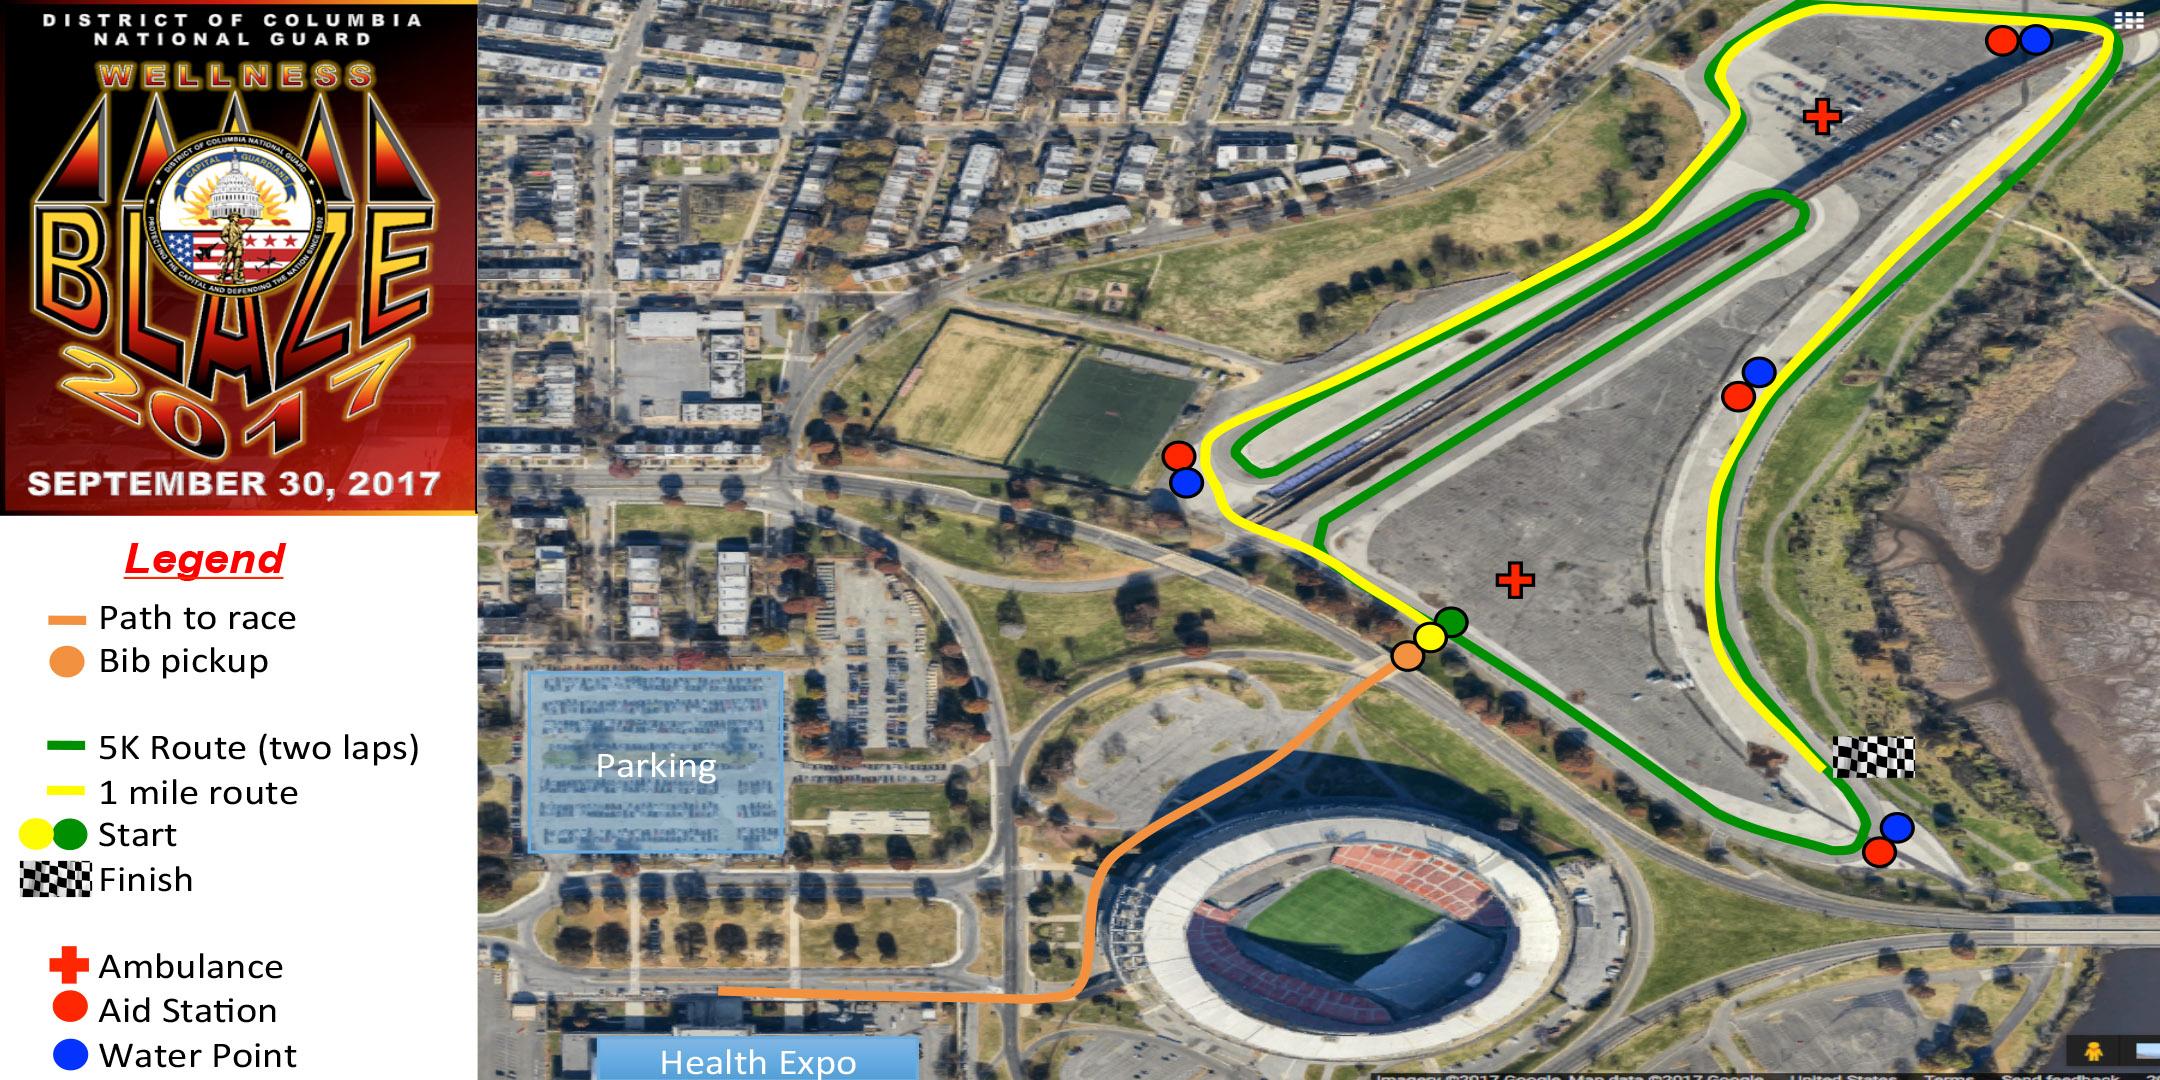 map of Wellness Blaze 5k fun run/walk and health fair route